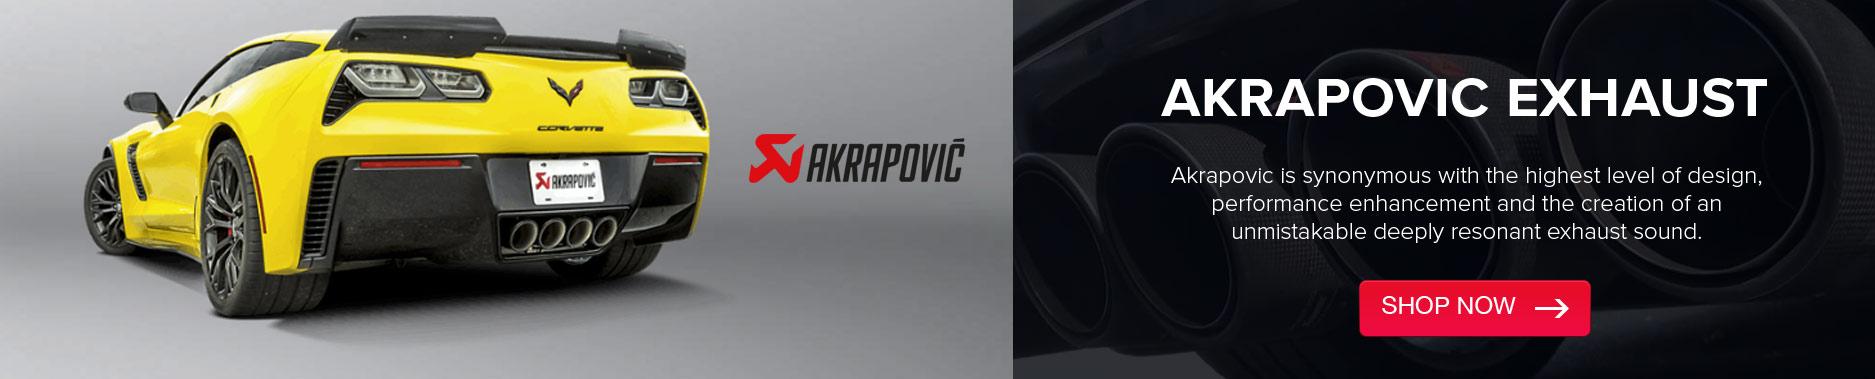 Akrapovic Exhaust